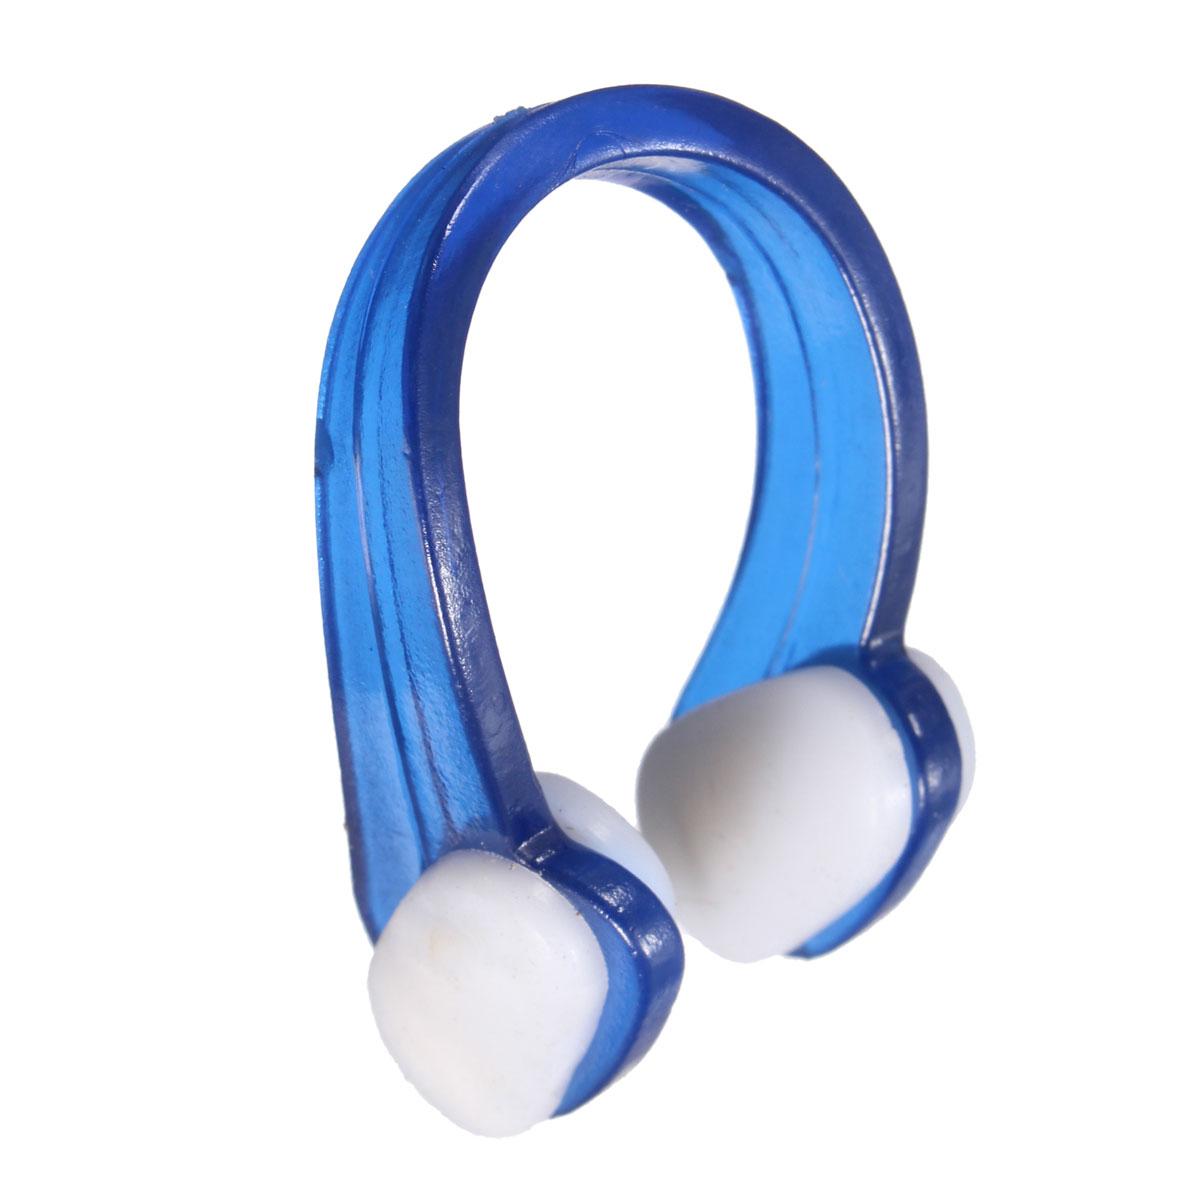 Neuf silicone souple piscine set pince nez ear plug bouchon d 39 oreille swimming ebay for Bouchons oreilles piscine